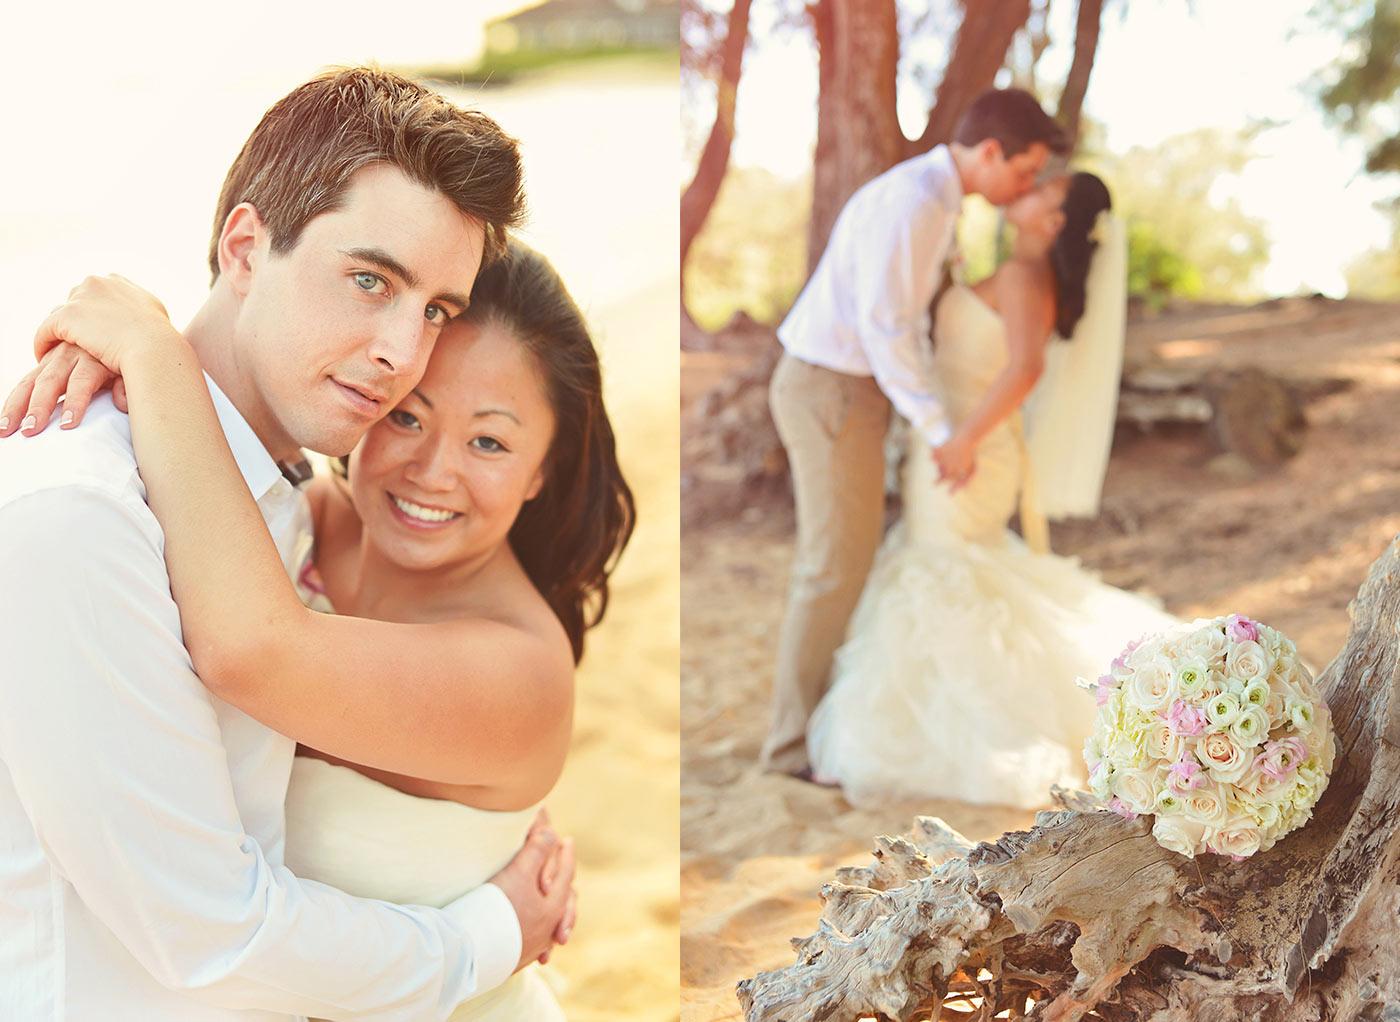 Kauai-Island-Hawaii-wedding-photo-(59).jpg